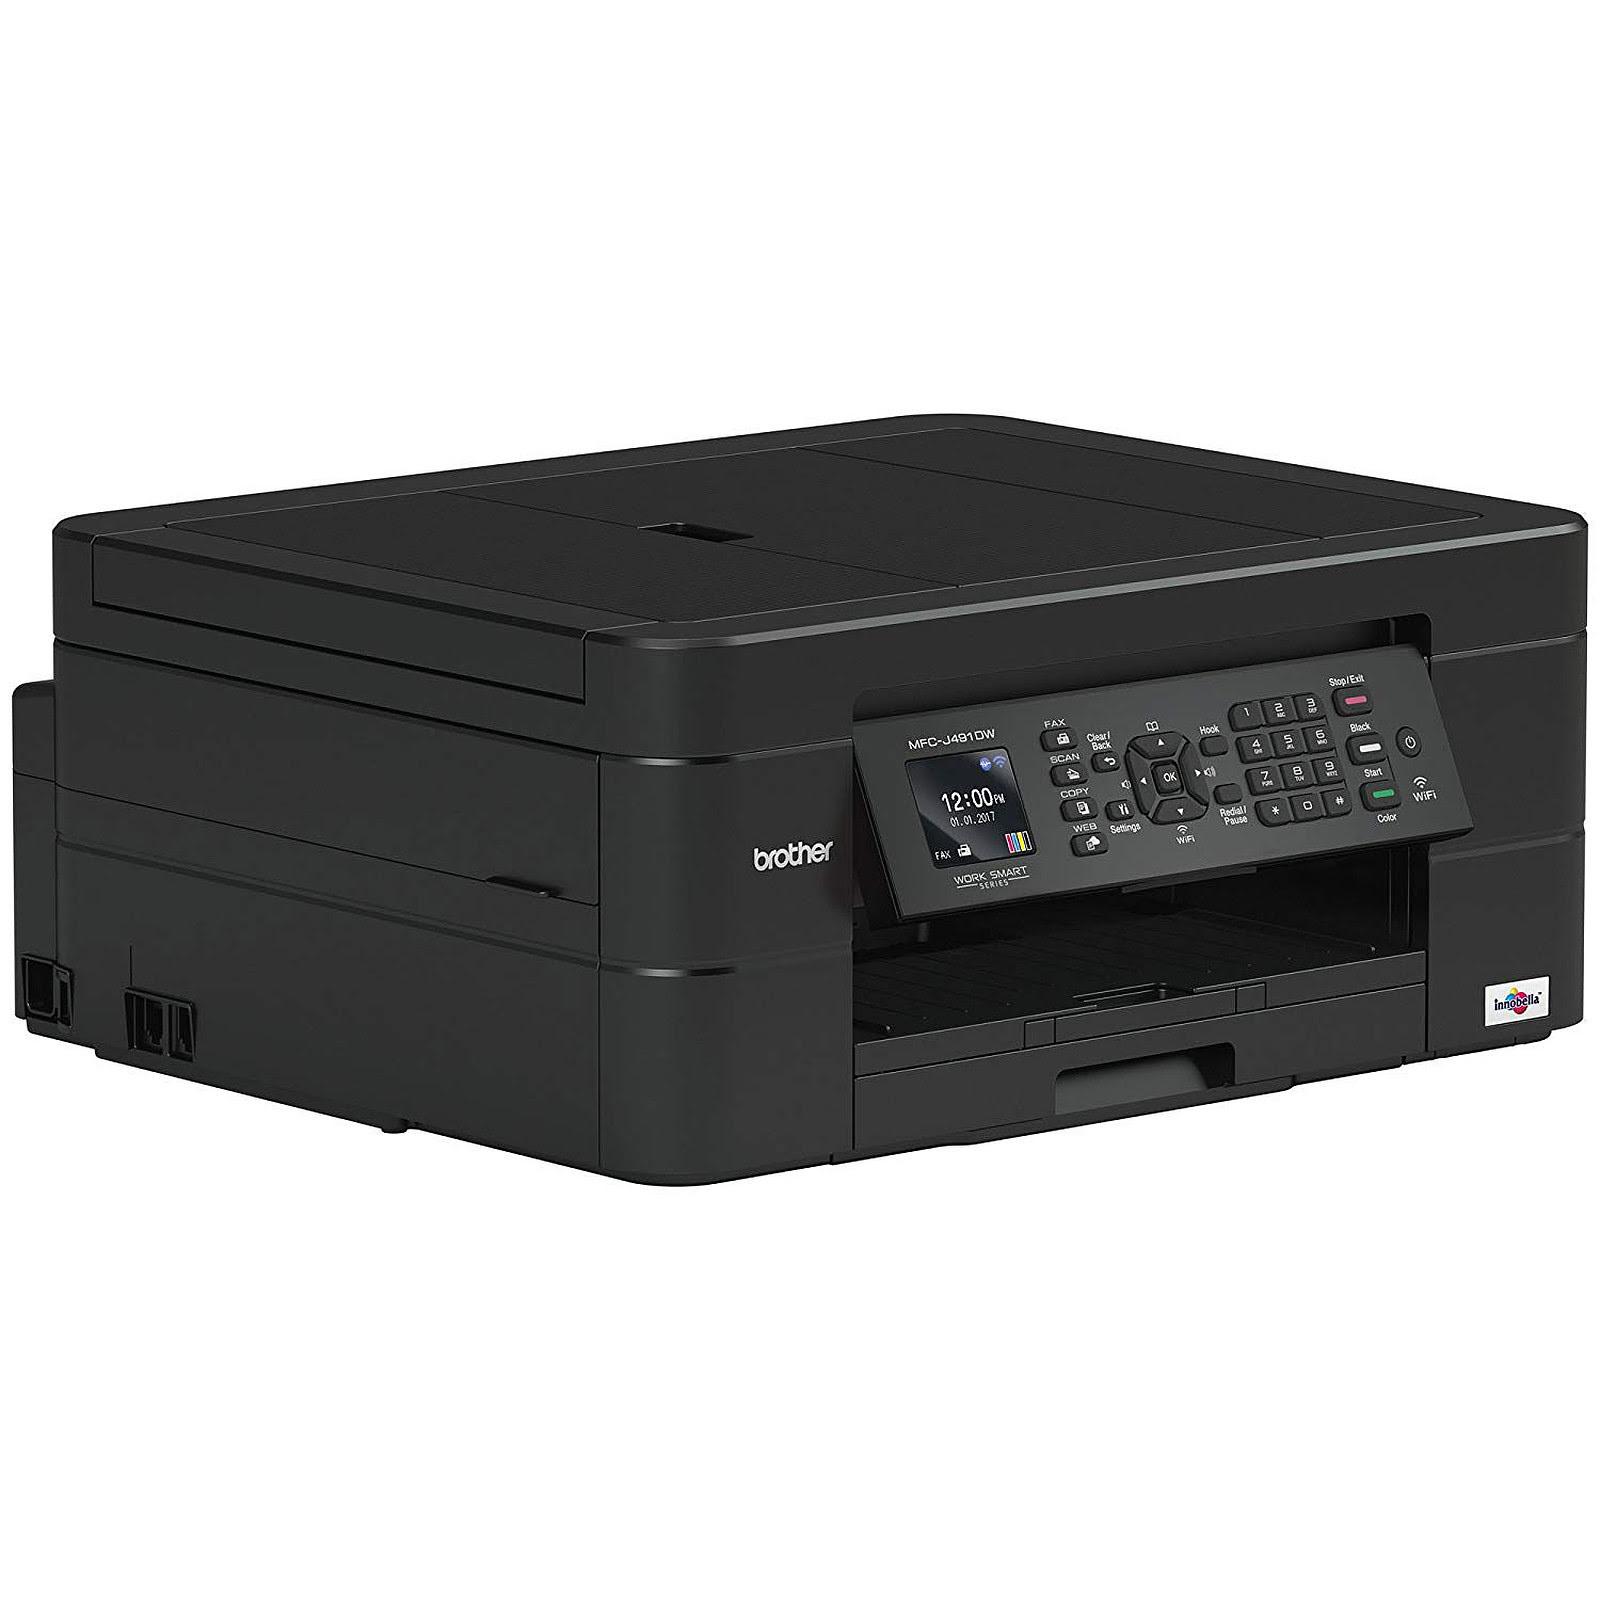 MFC-J491DW (MFCJ491DWF1) - Achat / Vente Imprimante multifonction sur Picata.fr - 2